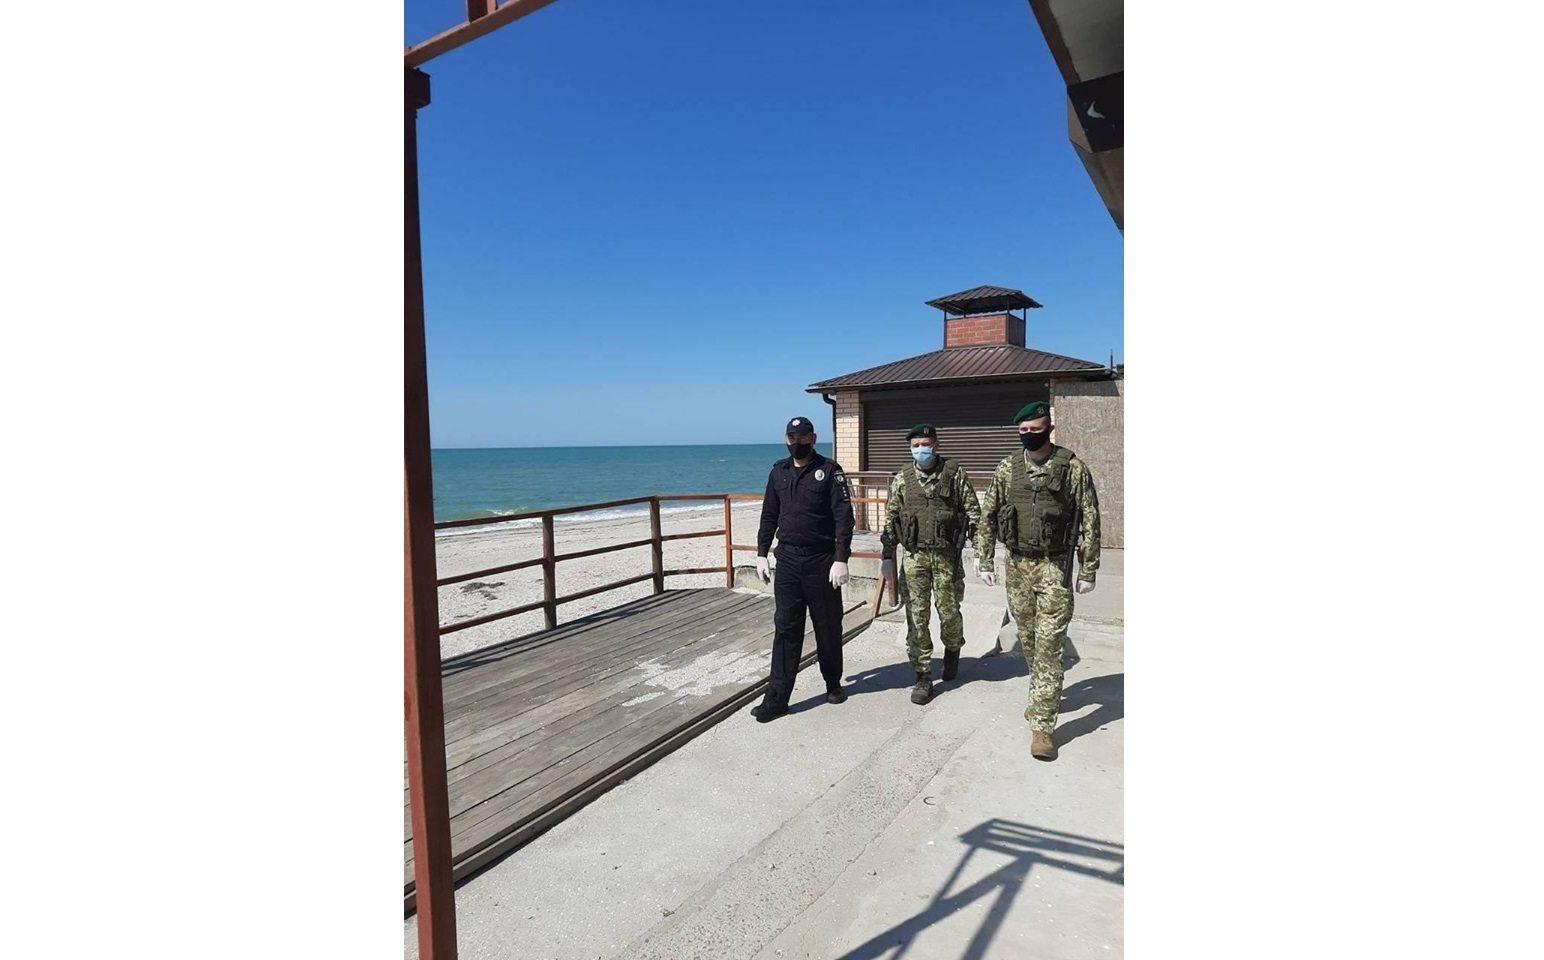 прикордонники, поліця, патрулювання